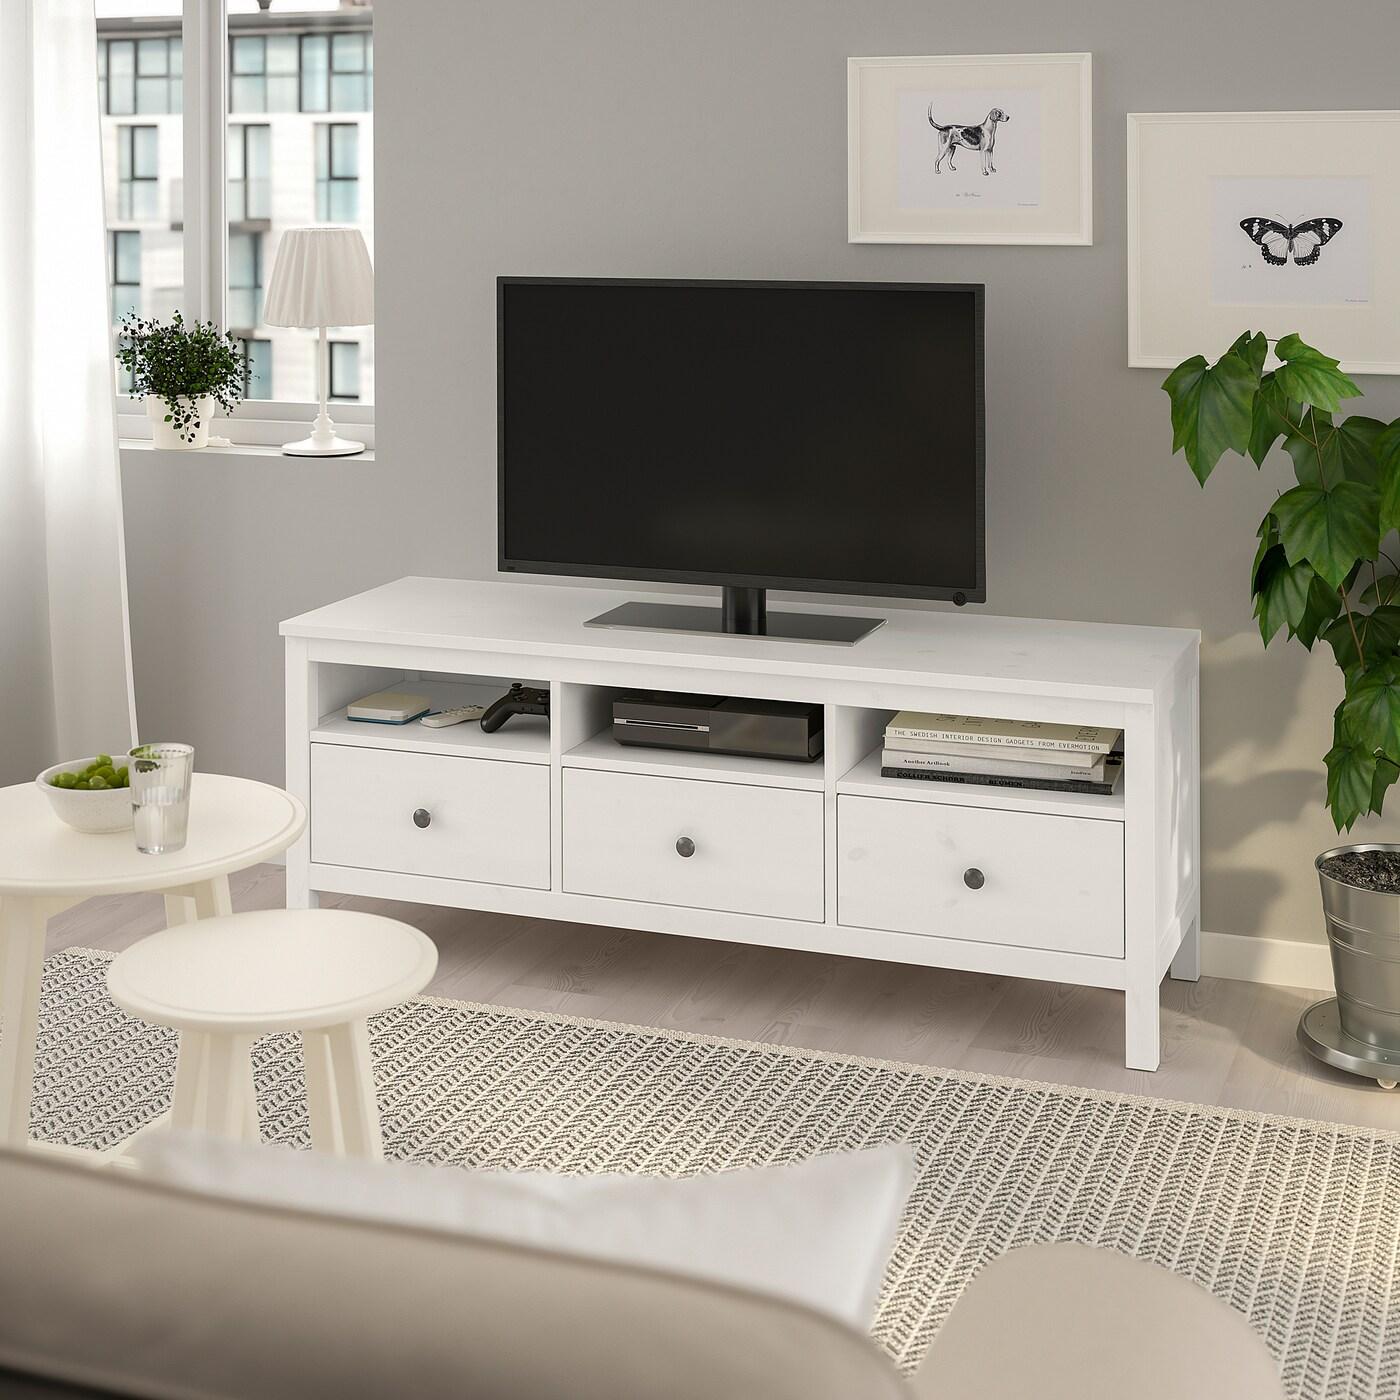 Hemnes Tv Meubel Zwart.Hemnes Tv Meubel Wit Gebeitst 148x47x57 Cm Ikea